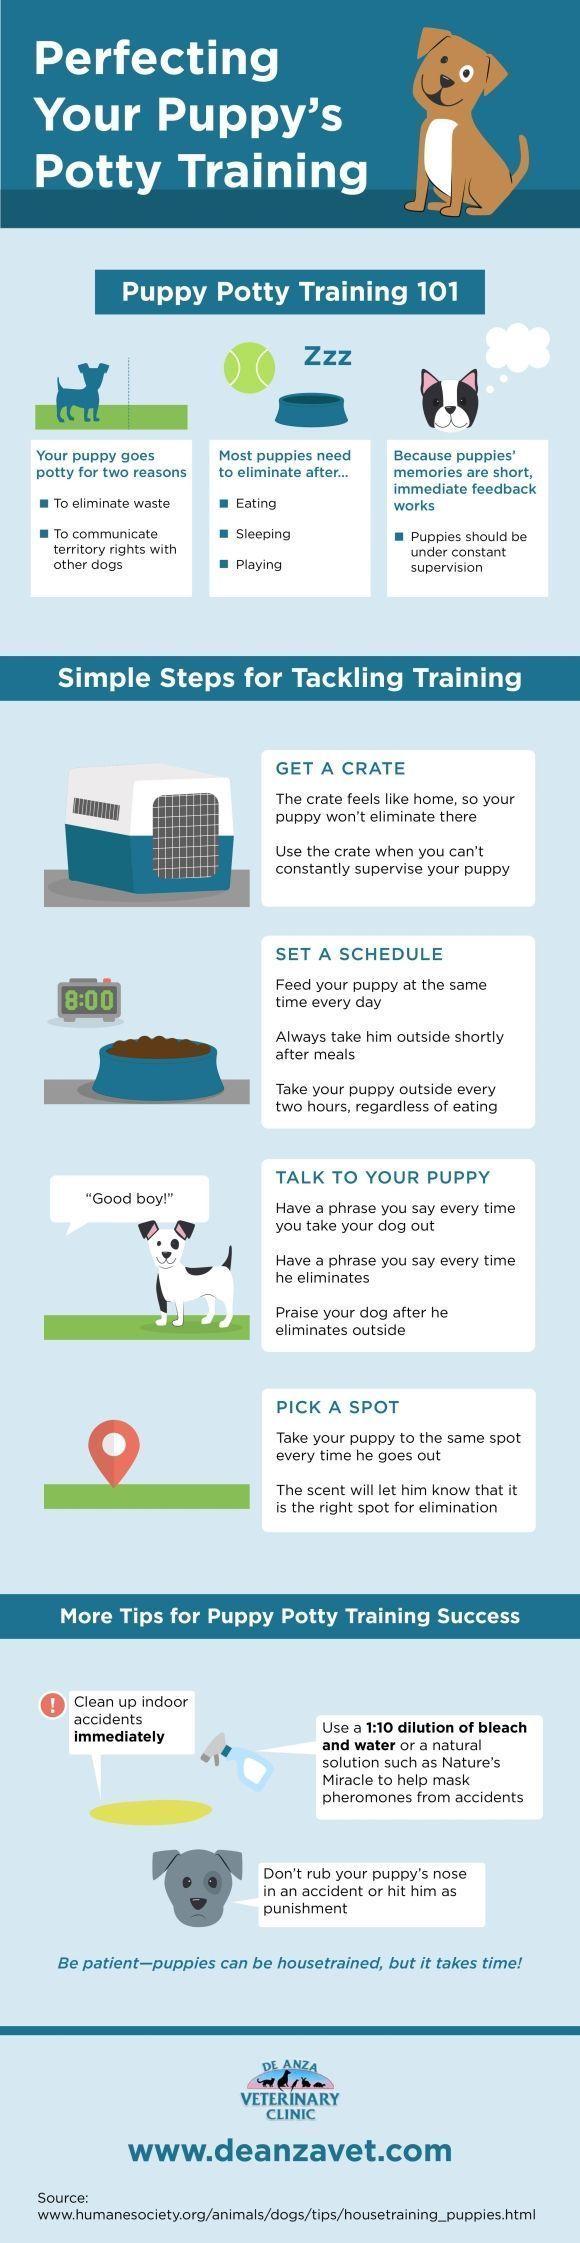 131 best Dog images on Pinterest | Poodles, Dog stuff and Standard ...